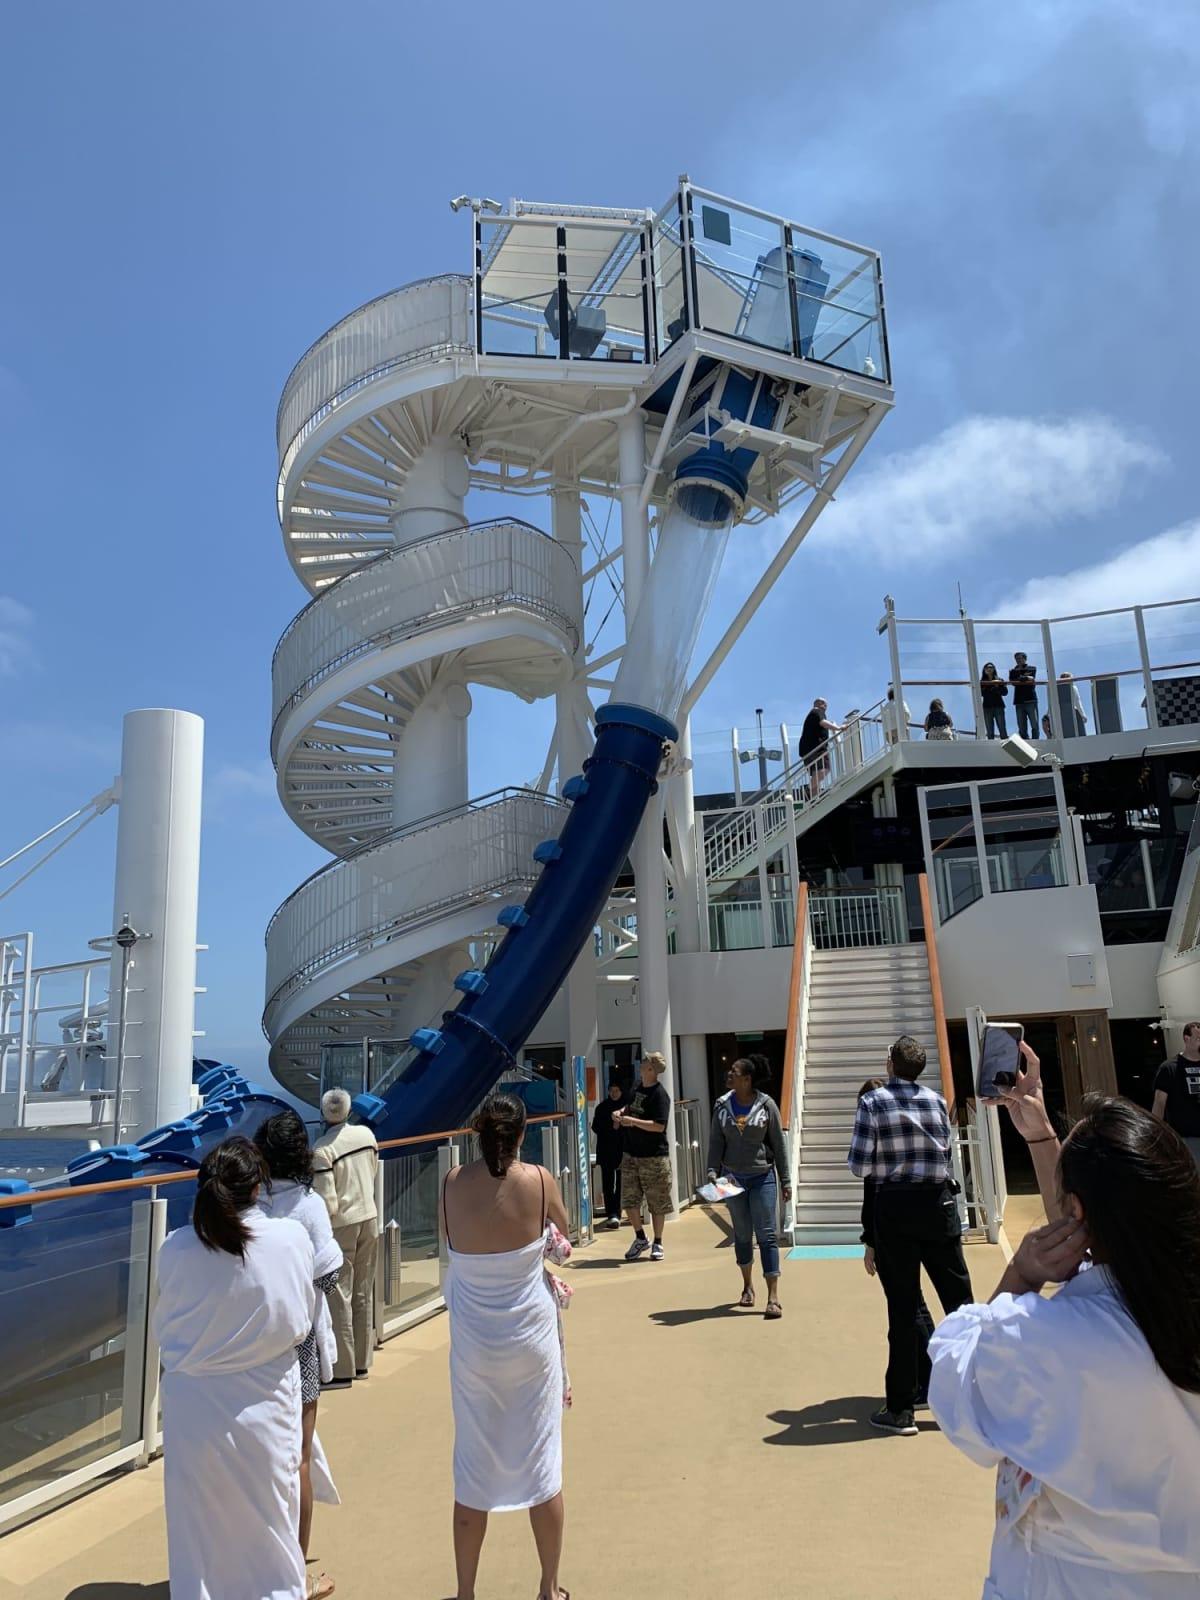 ウォータースライダー | 客船ノルウェージャン・ブリスの乗客、船内施設